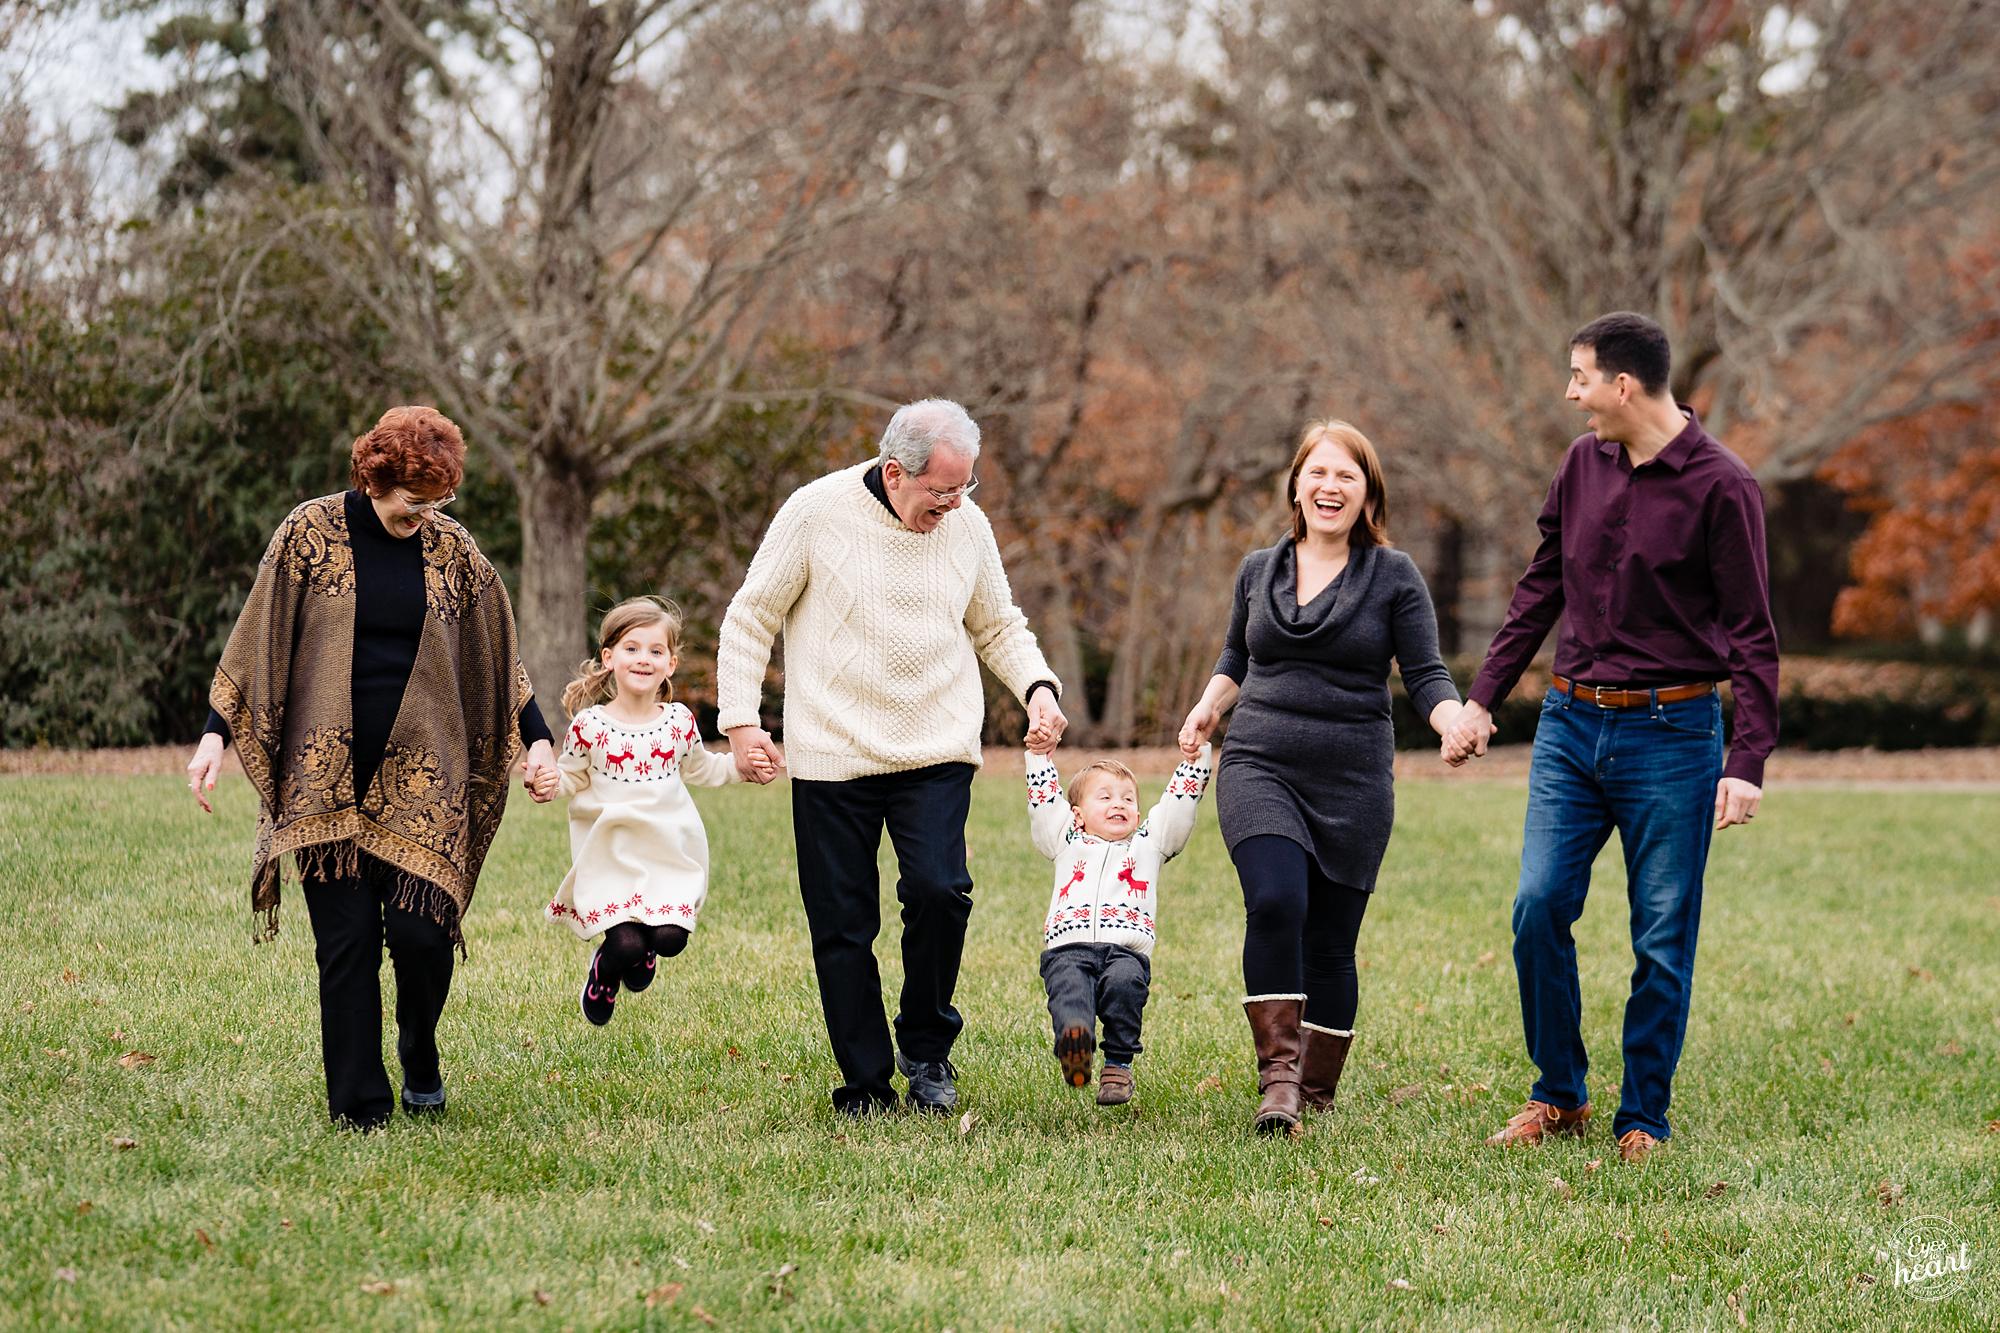 Ault-Park-Family-Photography-3.jpg